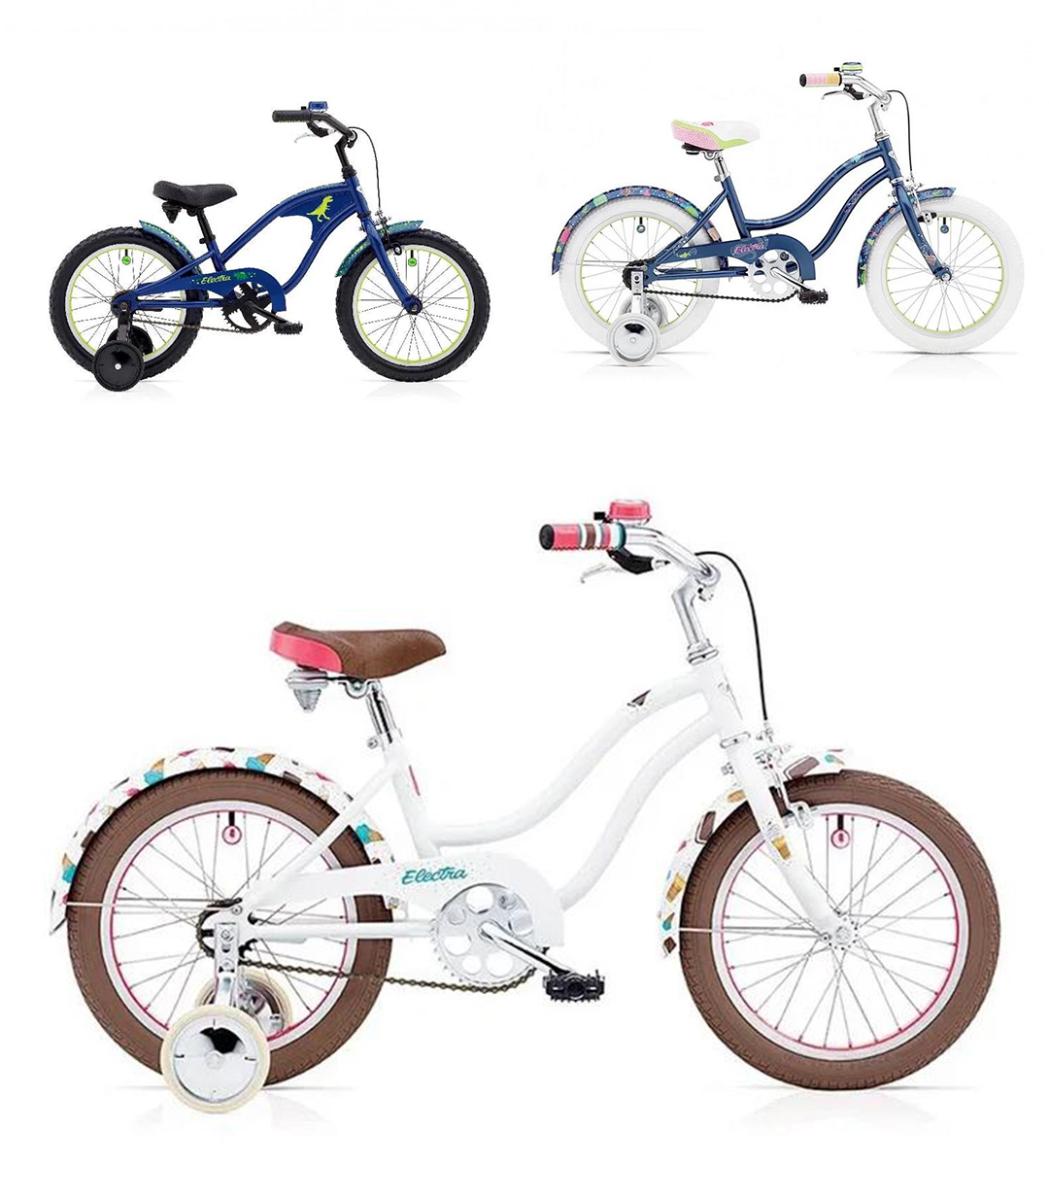 Electra儿童自行车